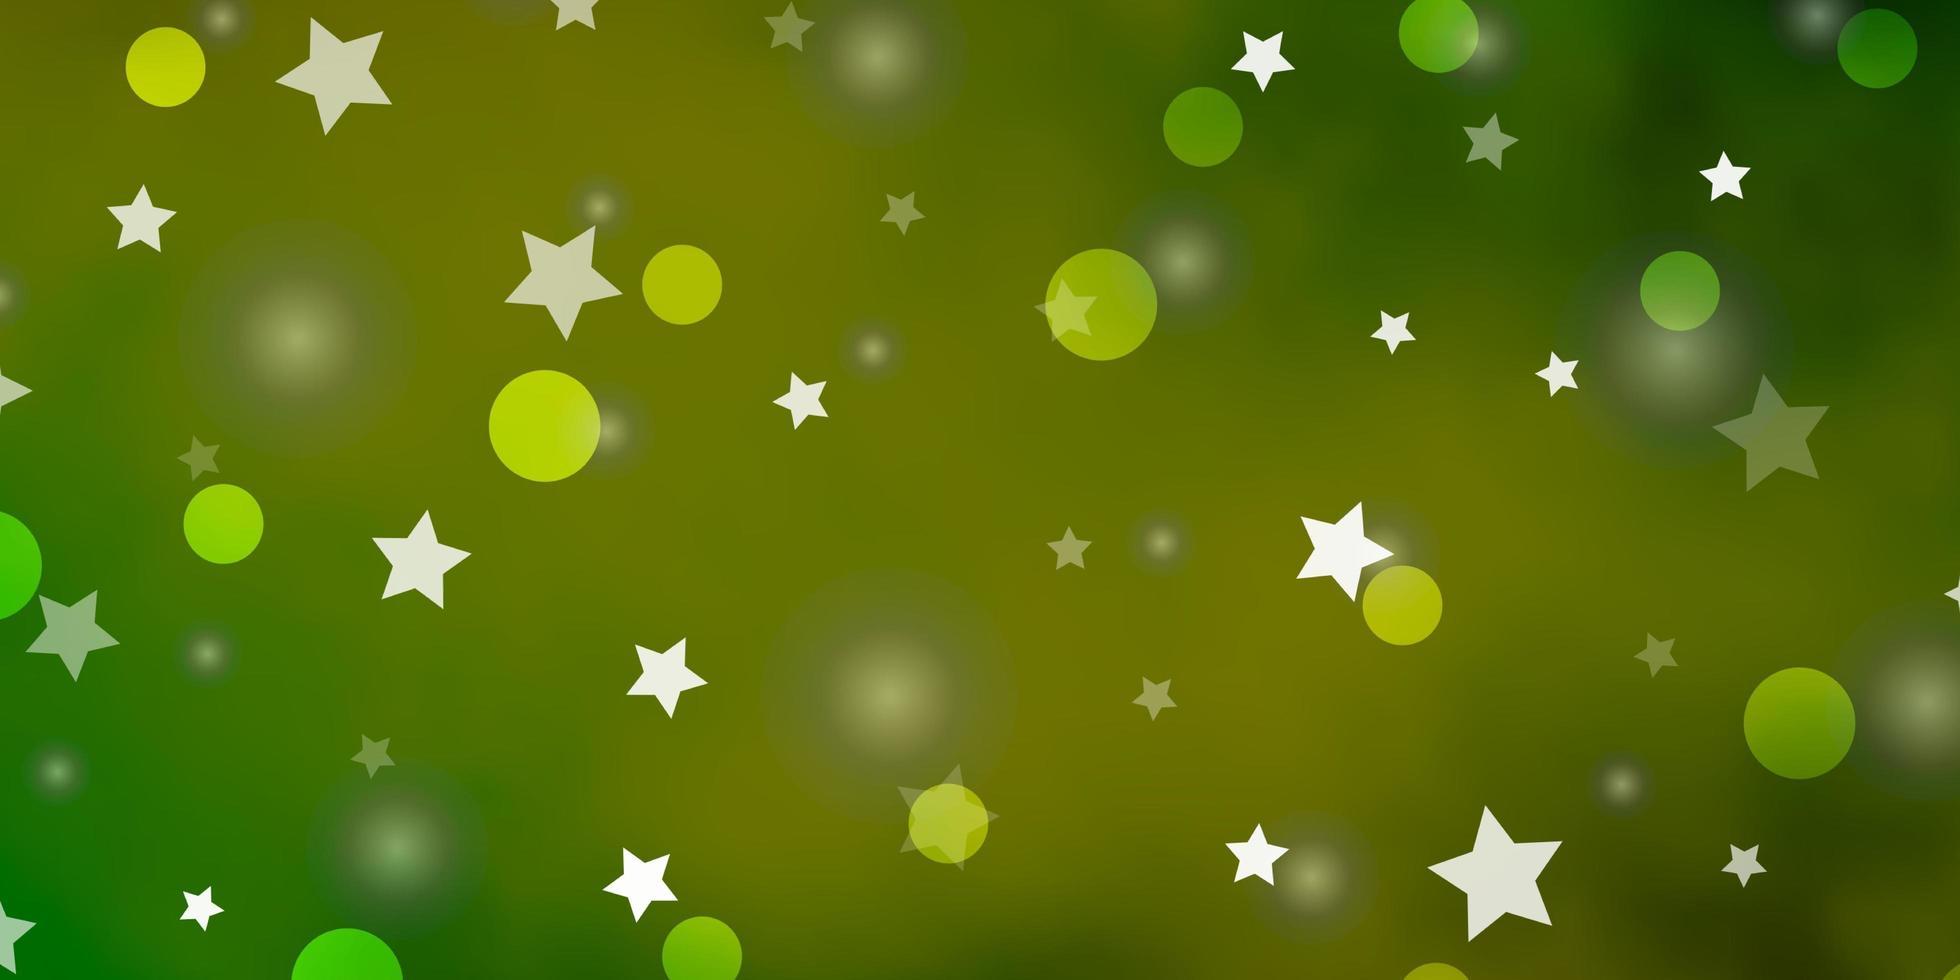 lichtgroene, gele vector achtergrond met cirkels, sterren.